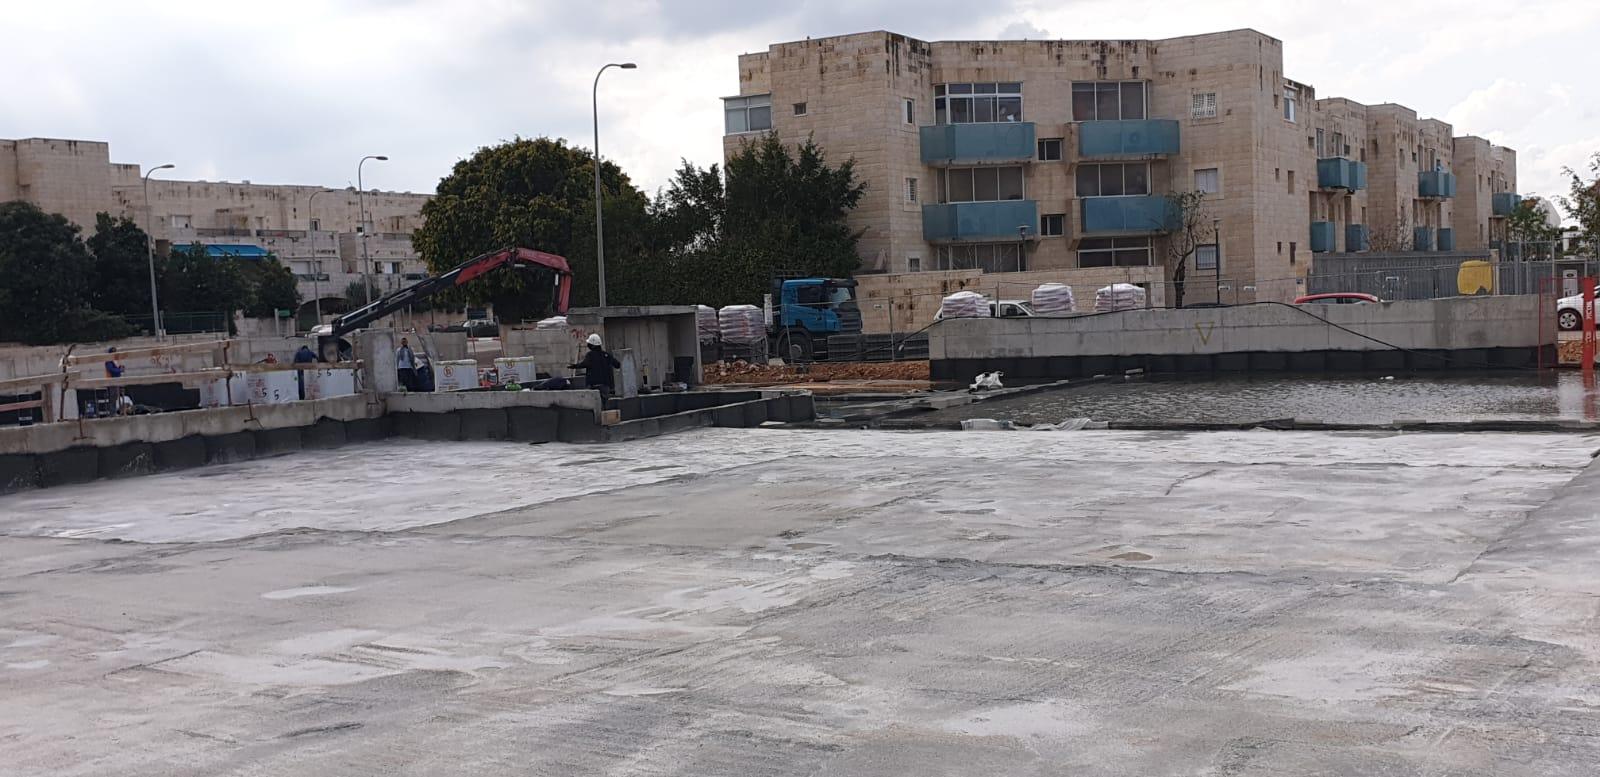 סיום עבודות גמר בבניינים, איטום גגות, איטום תקרת חניון, כניסה לעבודות פיתוח